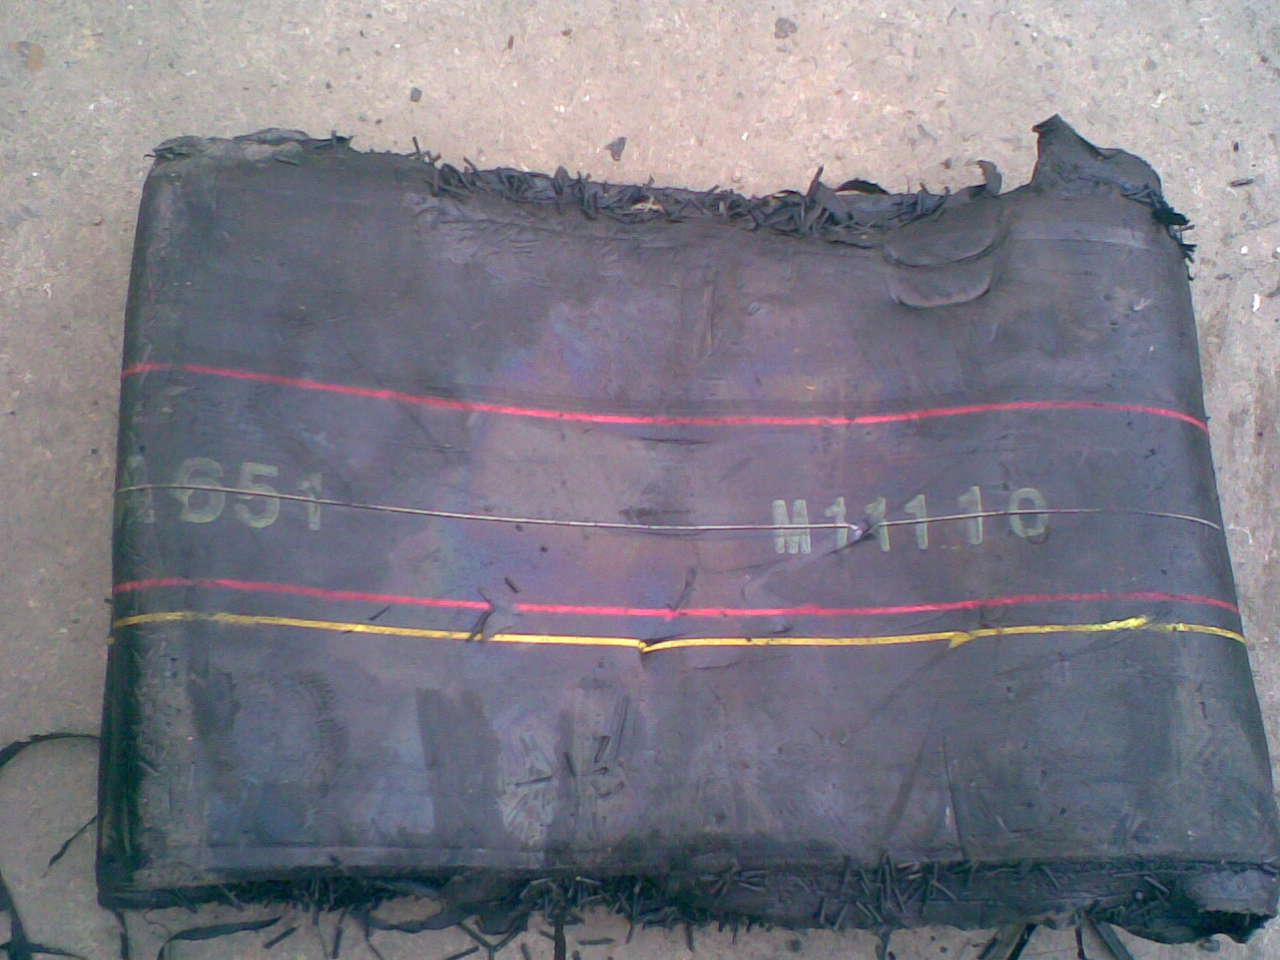 Tire tread rubber compound